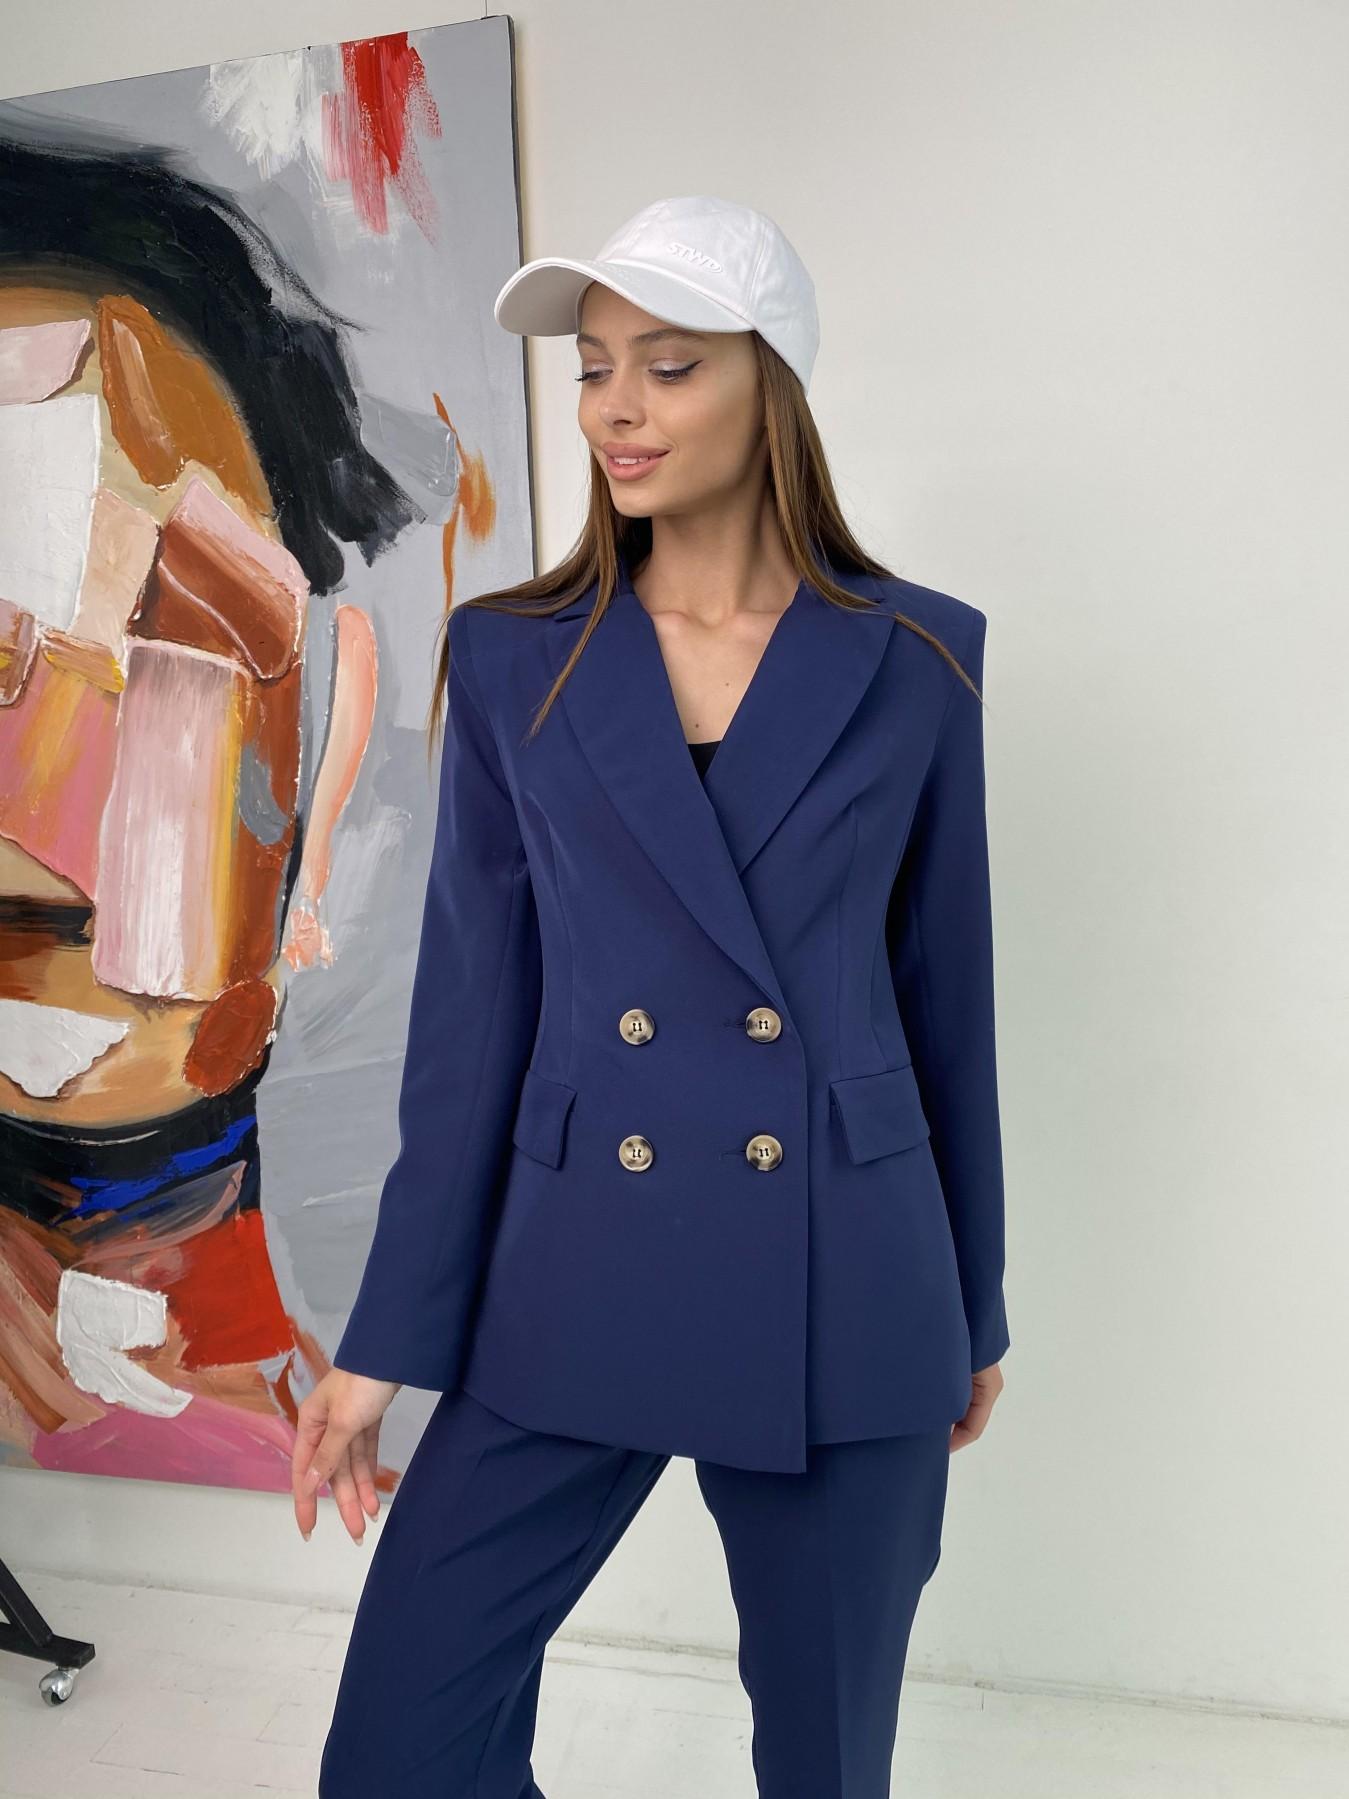 Франко костюм из костюмной ткани 11090 АРТ. 47972 Цвет: Т.синий - фото 2, интернет магазин tm-modus.ru